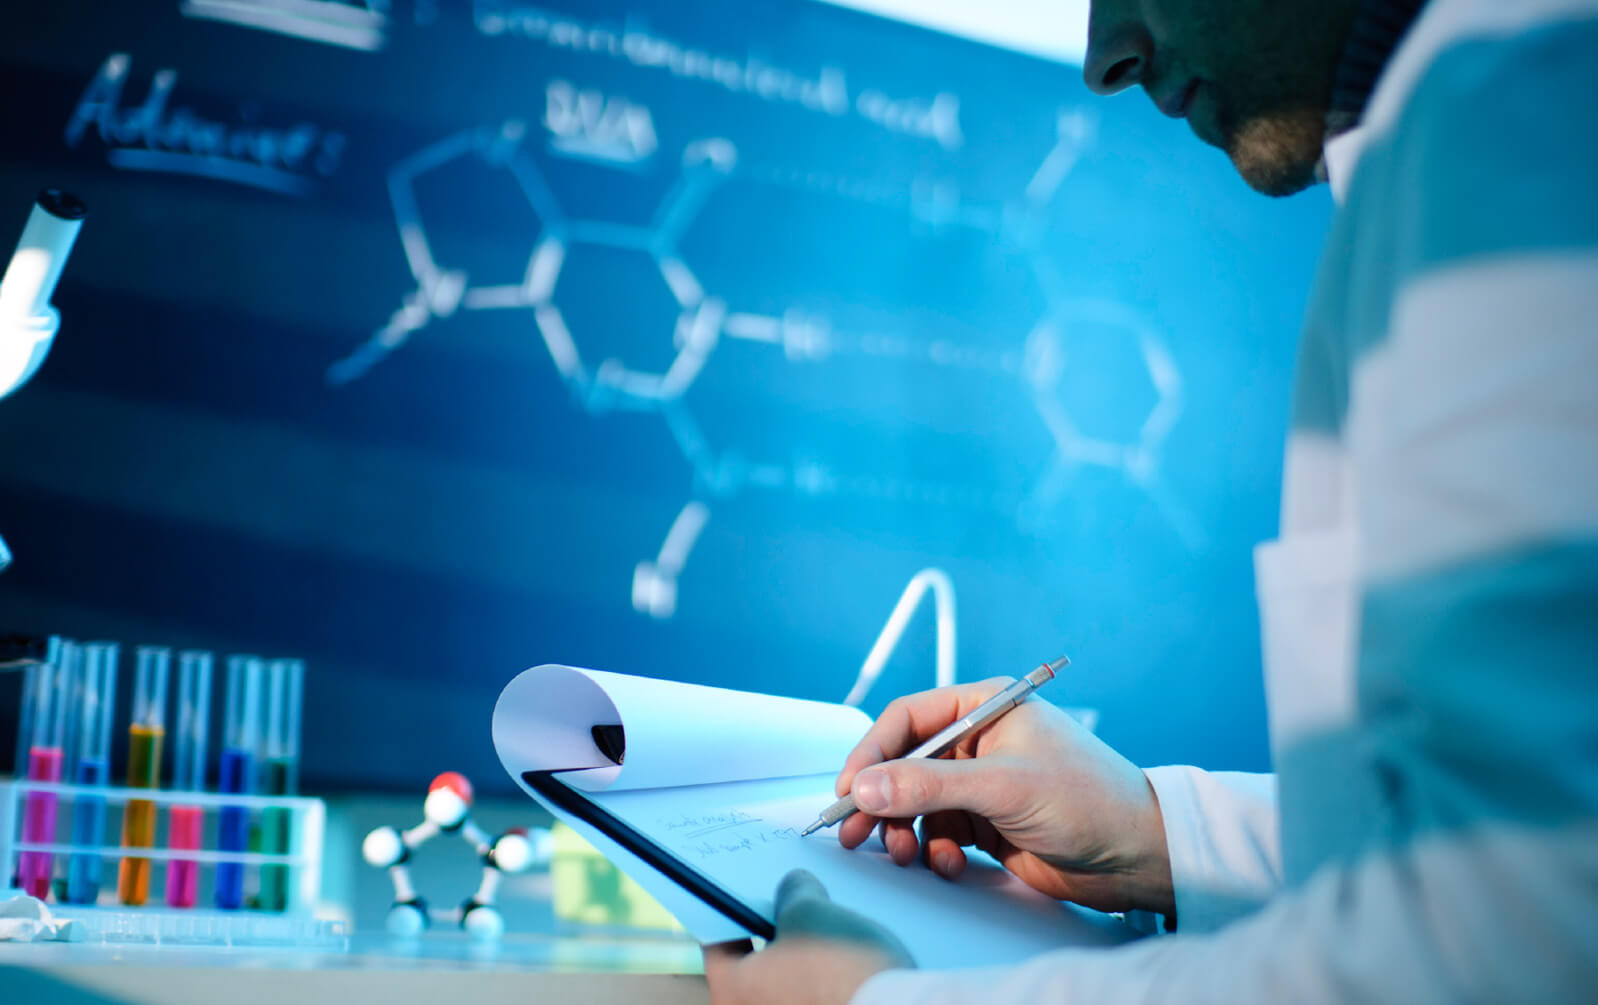 Наука как знание и технология: может ли рынок возродить фундаментальную науку?